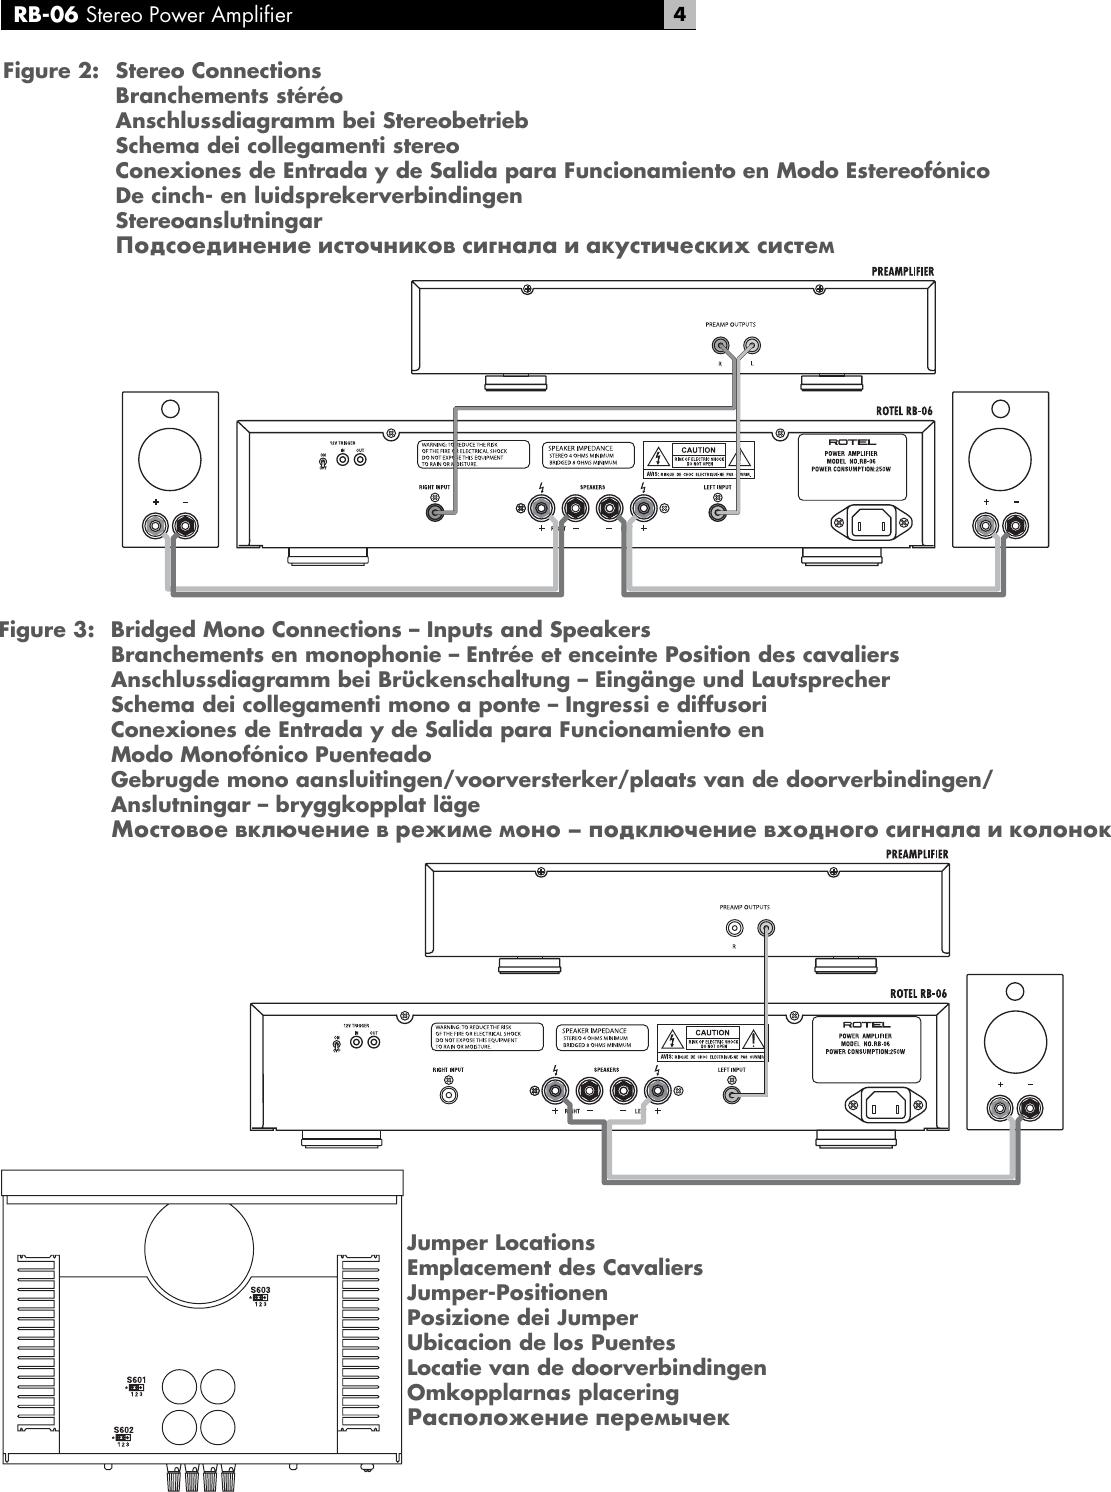 Ungewöhnlich Stereo Anschlussdiagramm Galerie - Schaltplan Serie ...